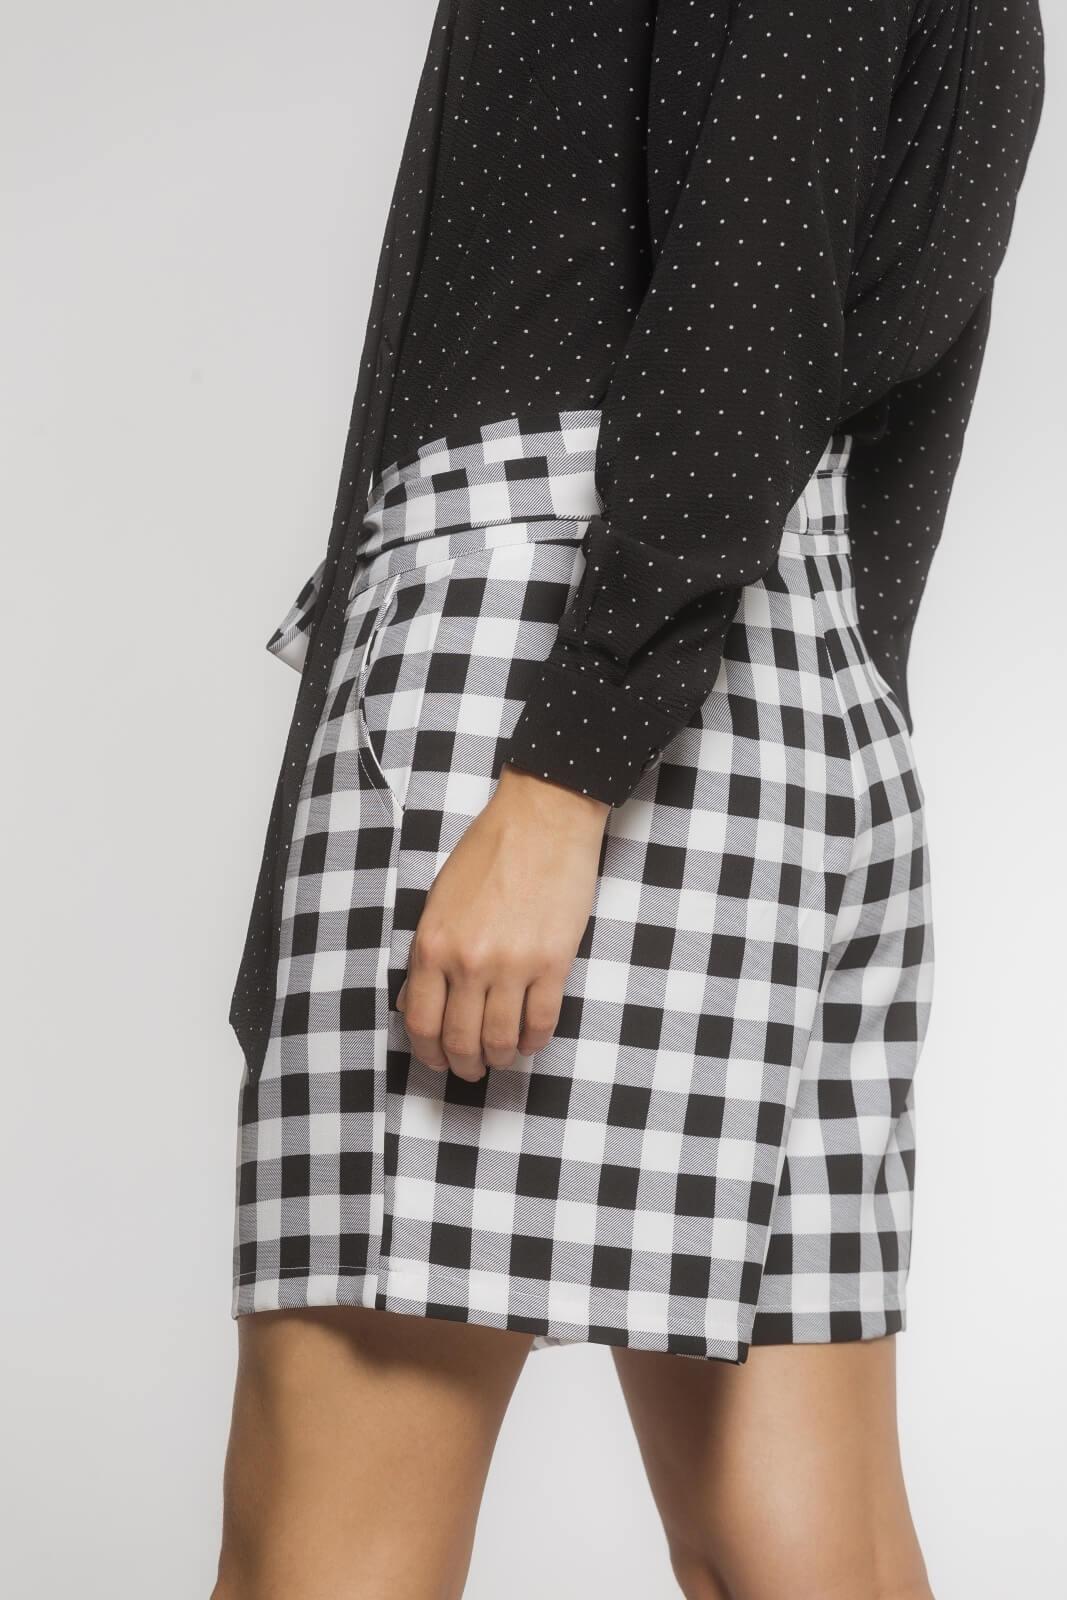 Bermuda Feminina Clochard com Cinto Alfaiataria Quadriculado Preto e Branco